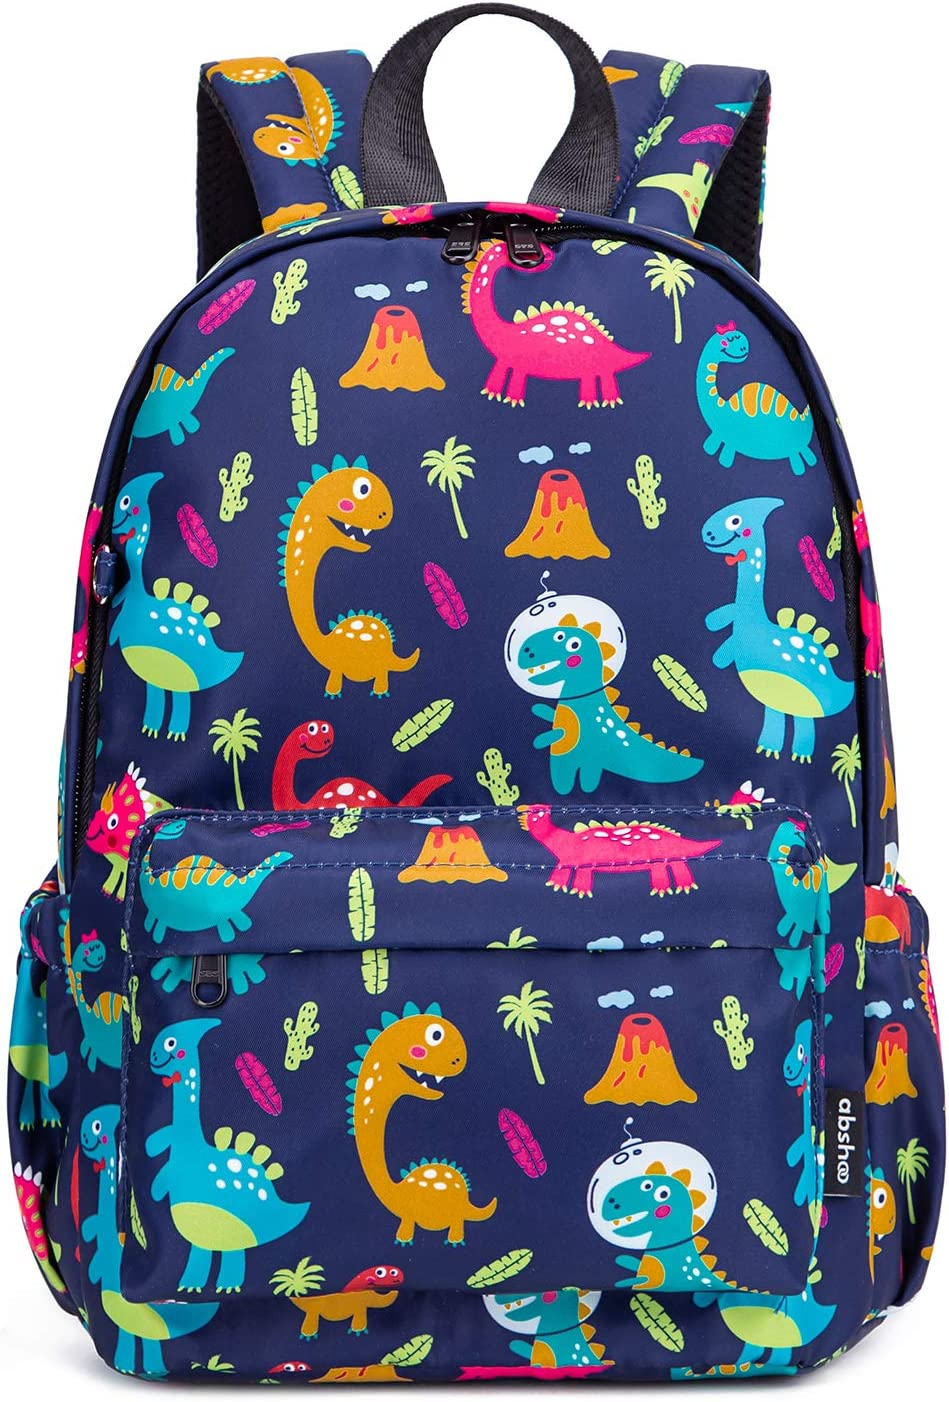 Abshoo Little Kids Toddler Backpacks for Preschool Backpack With Chest Strap (Dinosaur Navy)